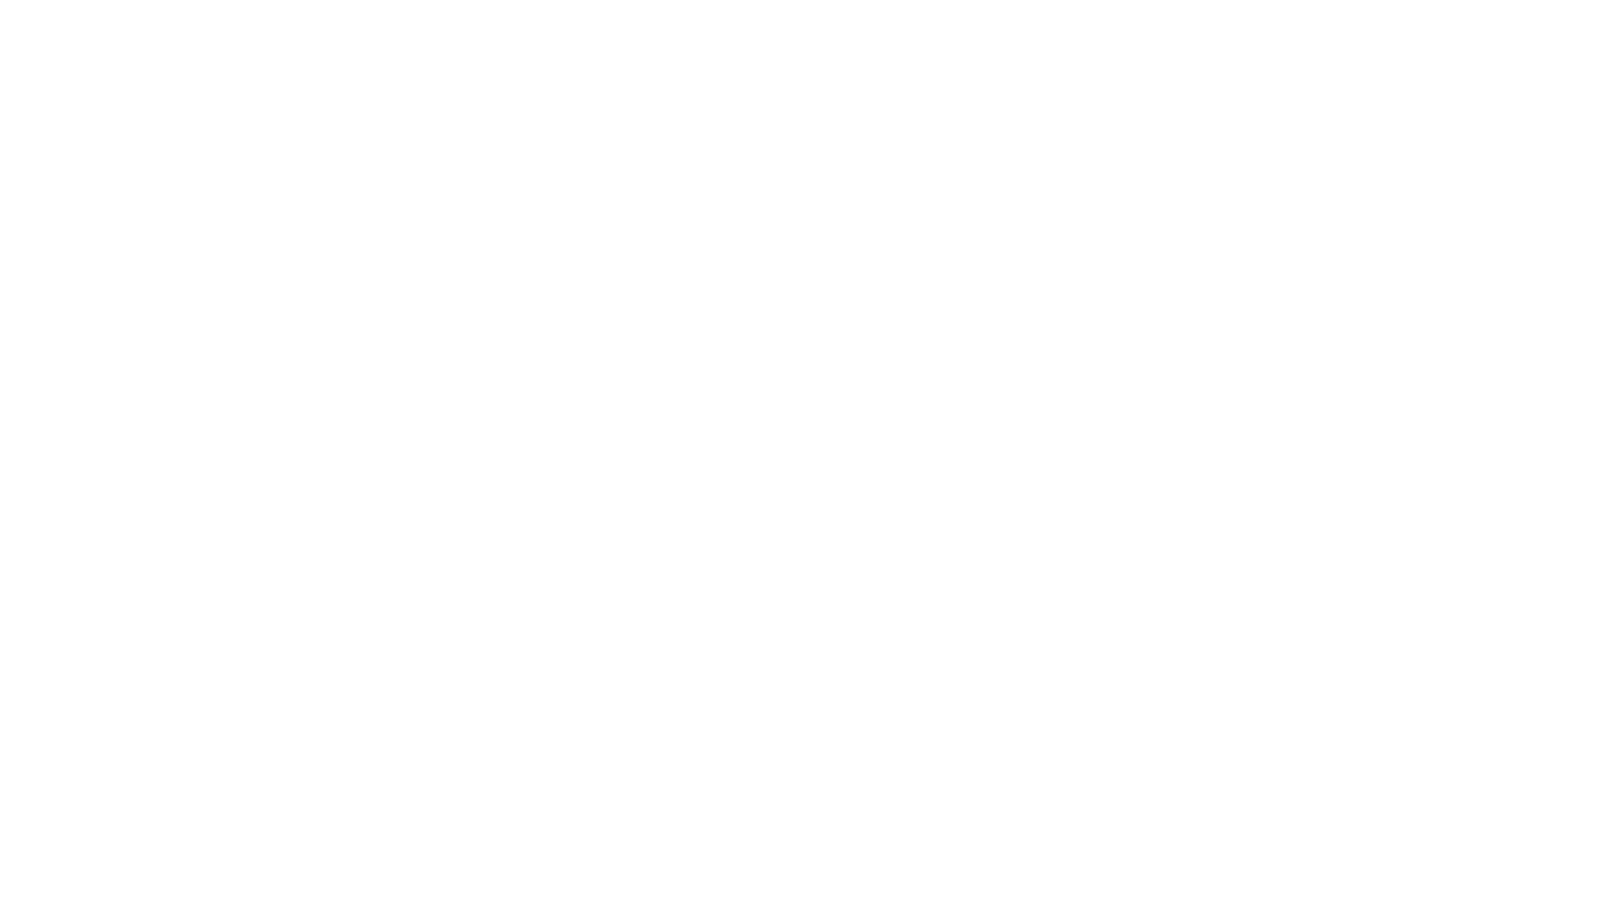 Дякуємо за відео @AlersandrNew7 Aleksandrrr  Більше новин та інформації на сайті КДАіС та у соціальних мережах.  Офіційний сайт: http://kdais.kiev.ua Ми у фб: https://www.facebook.com/www.kdais.kiev.ua інстаграм: https://www.instagram.com/kdais.kiev.ua